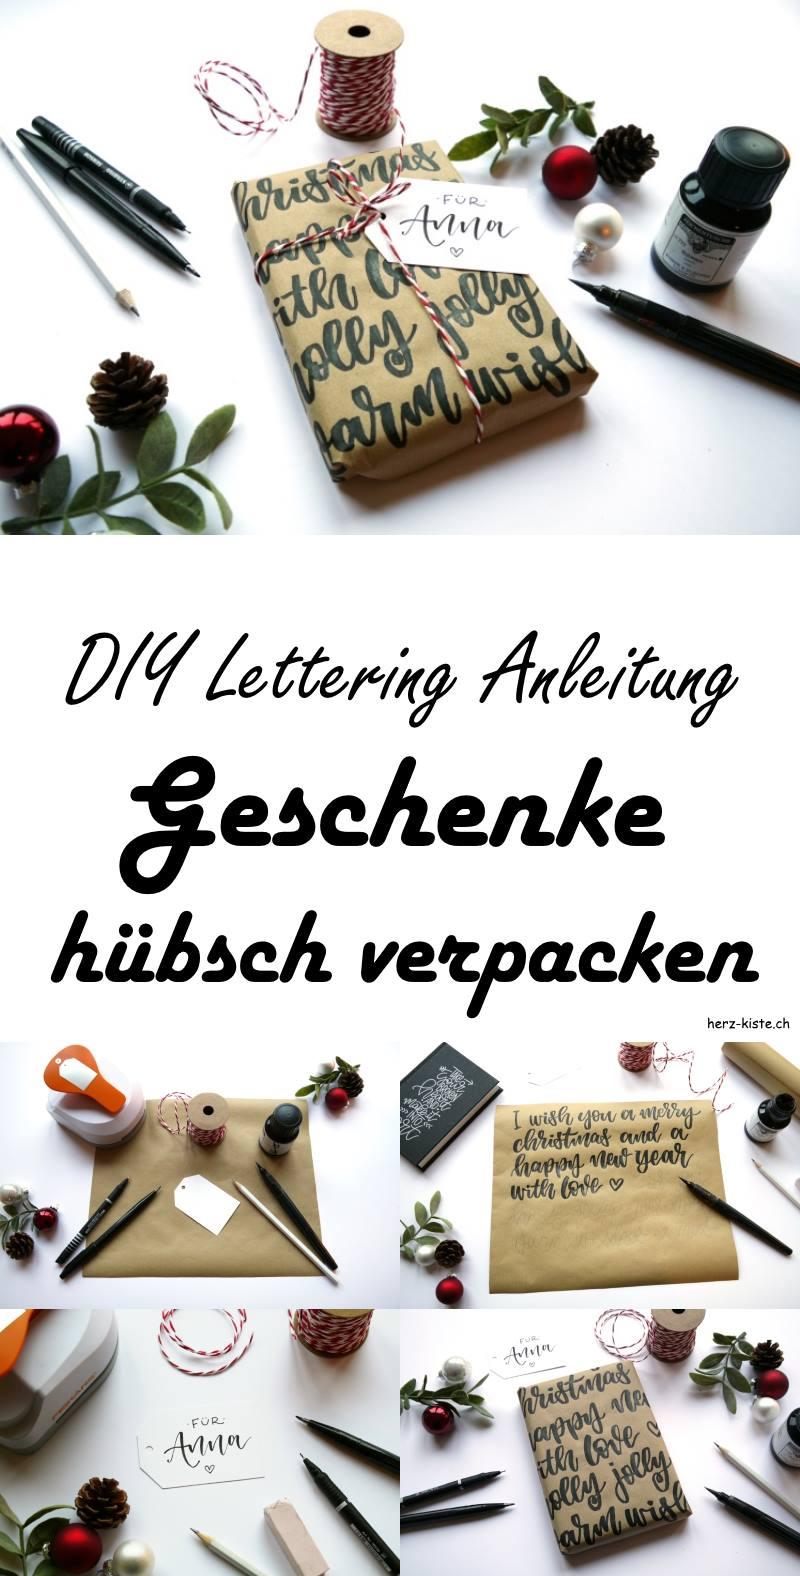 DIY Lettering: Eine Anleitung, wie du deine Geschenke mit Handlettering hübsch verpacken kannst. Lettering Idee für Geschenke.